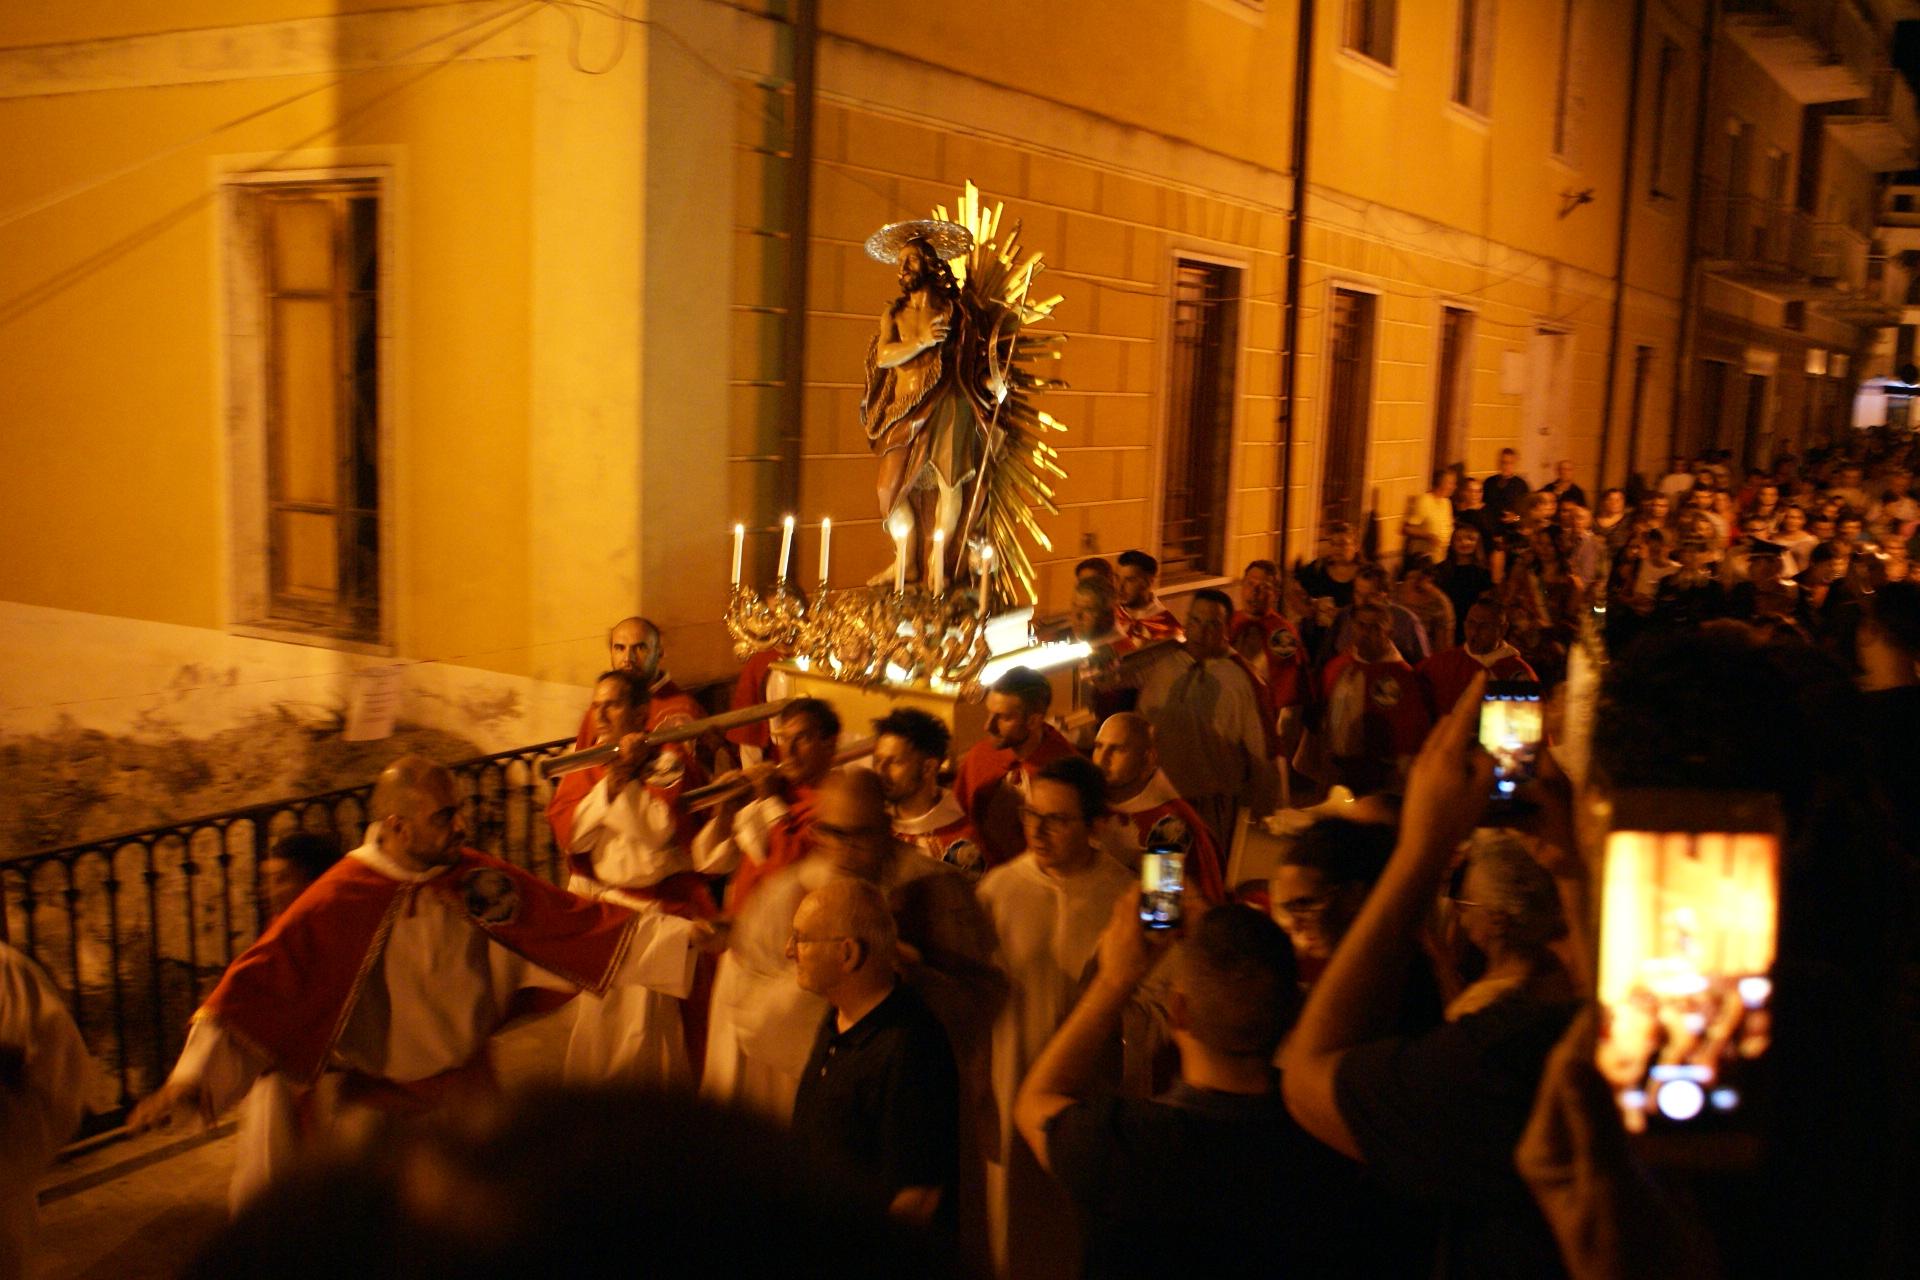 Martirio s Giovanni 148